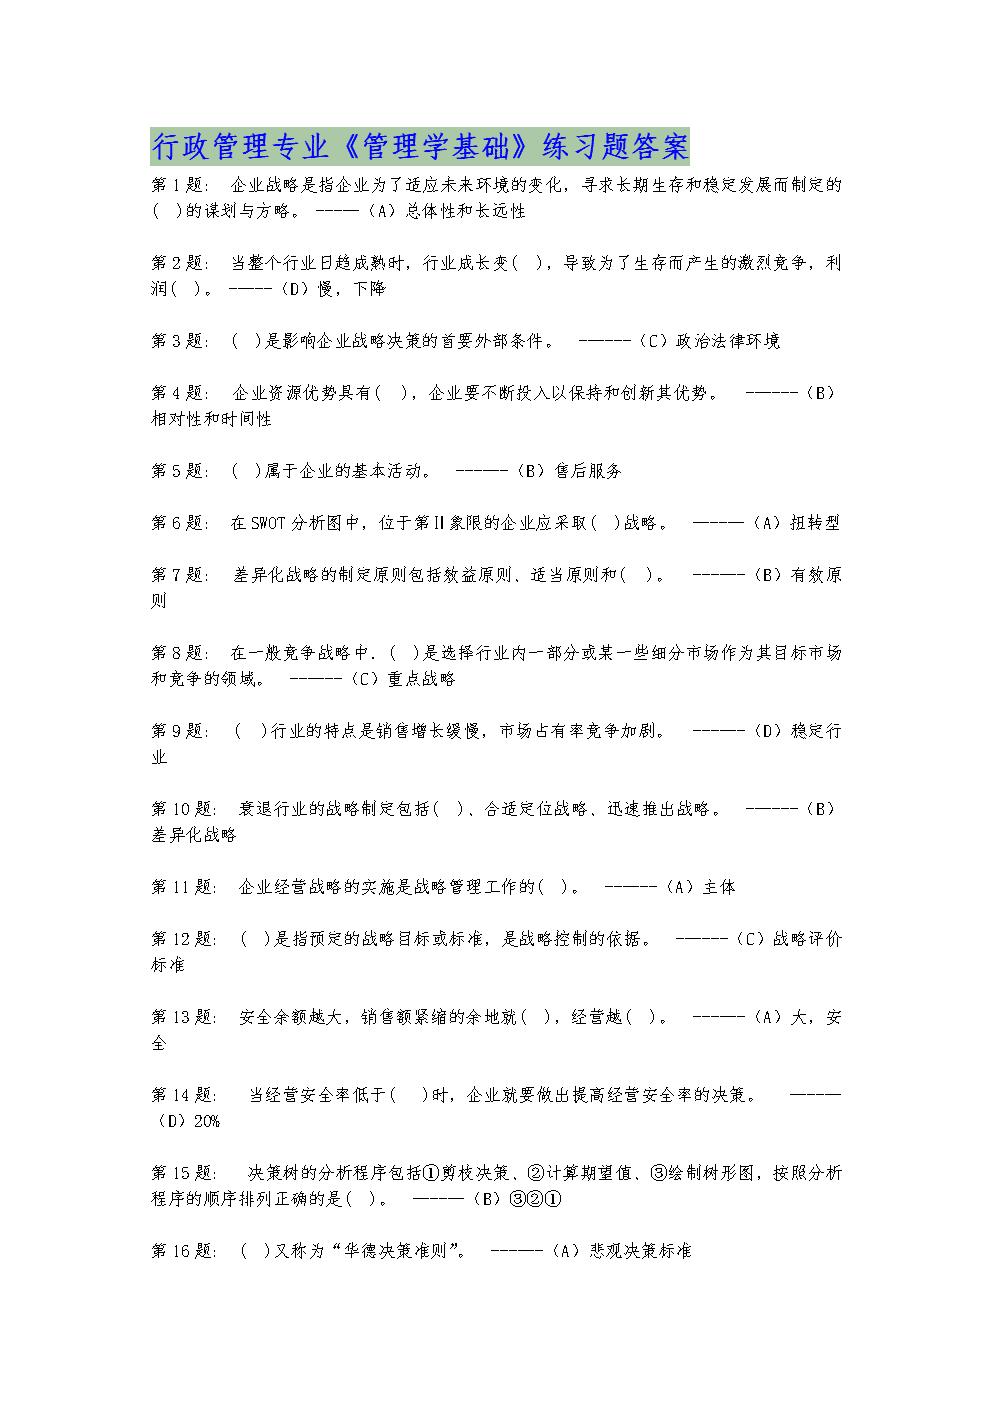 行政管理专业管理学基础练习题答案.doc